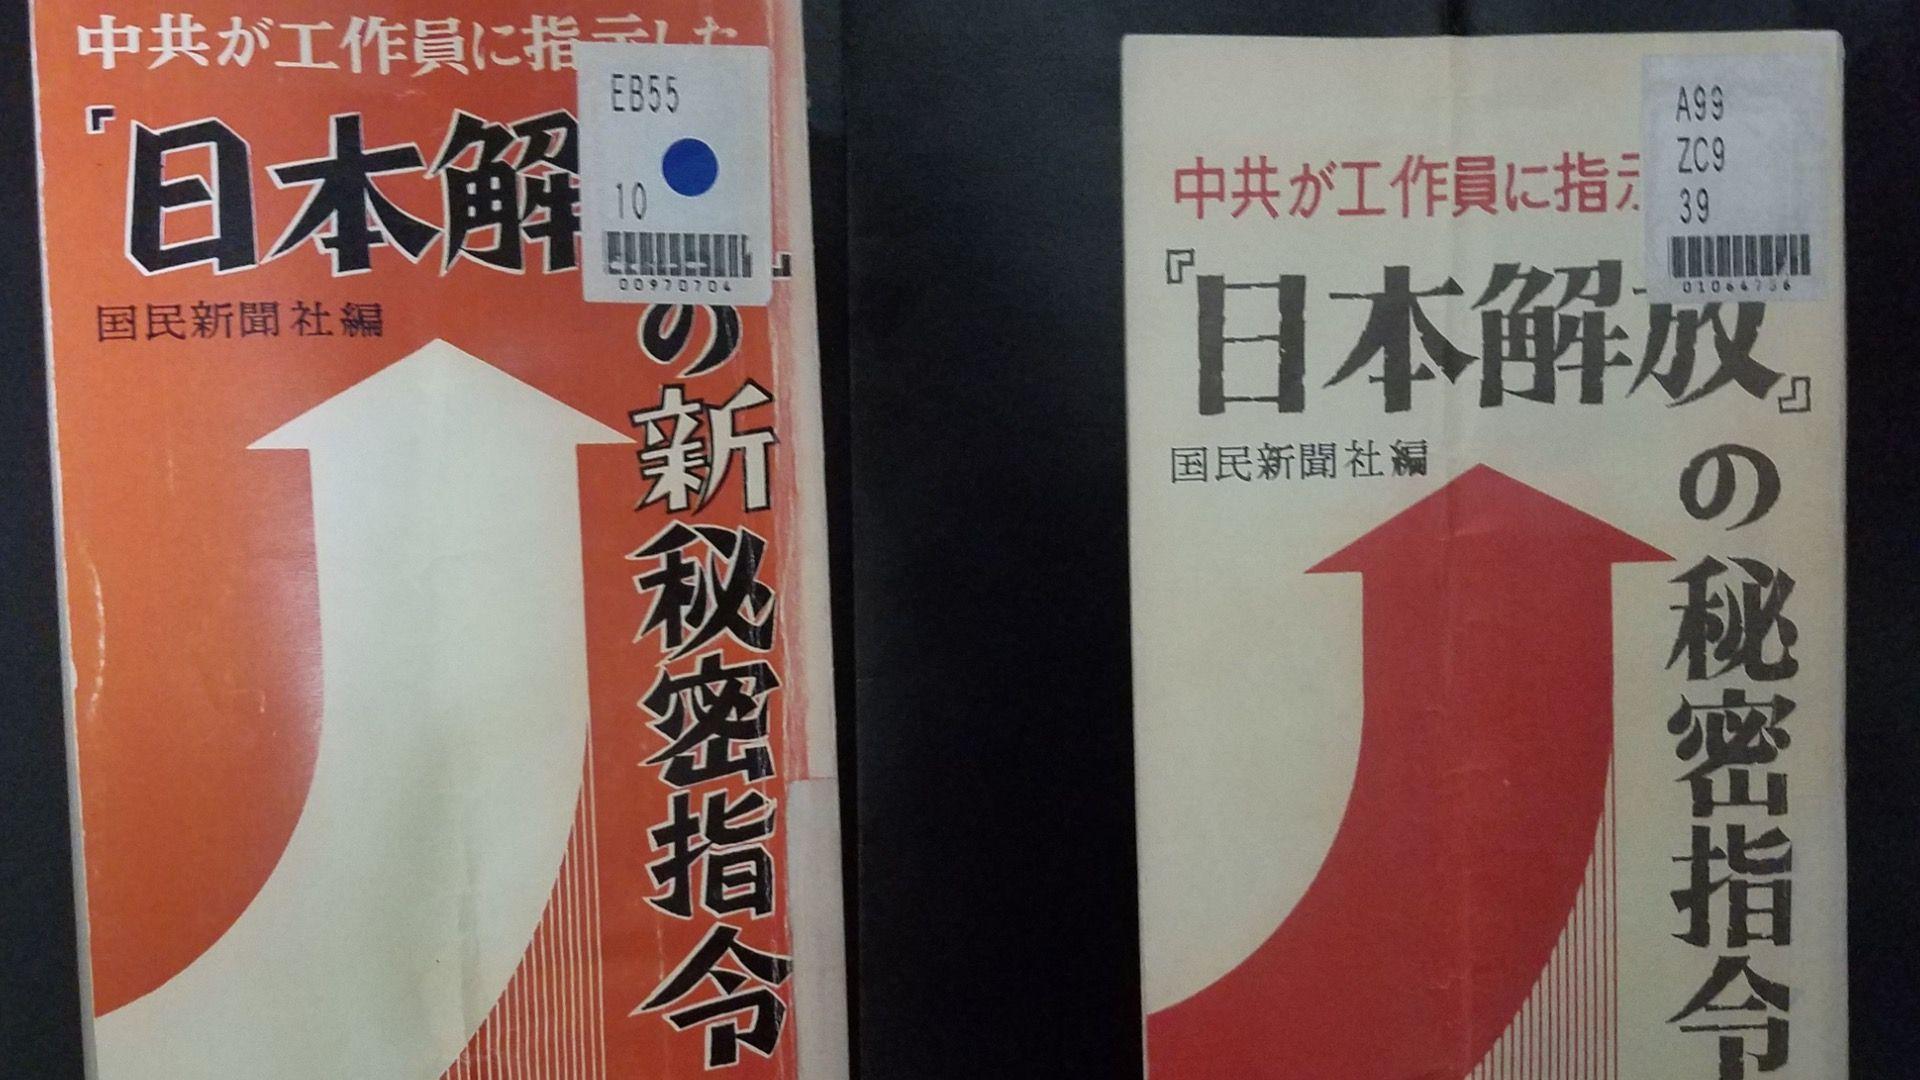 中国の日本侵略計画? 究極の陰謀論「日本解放第二期工作要綱」を解剖する(安田峰俊) - 個人 - Yahoo!ニュース